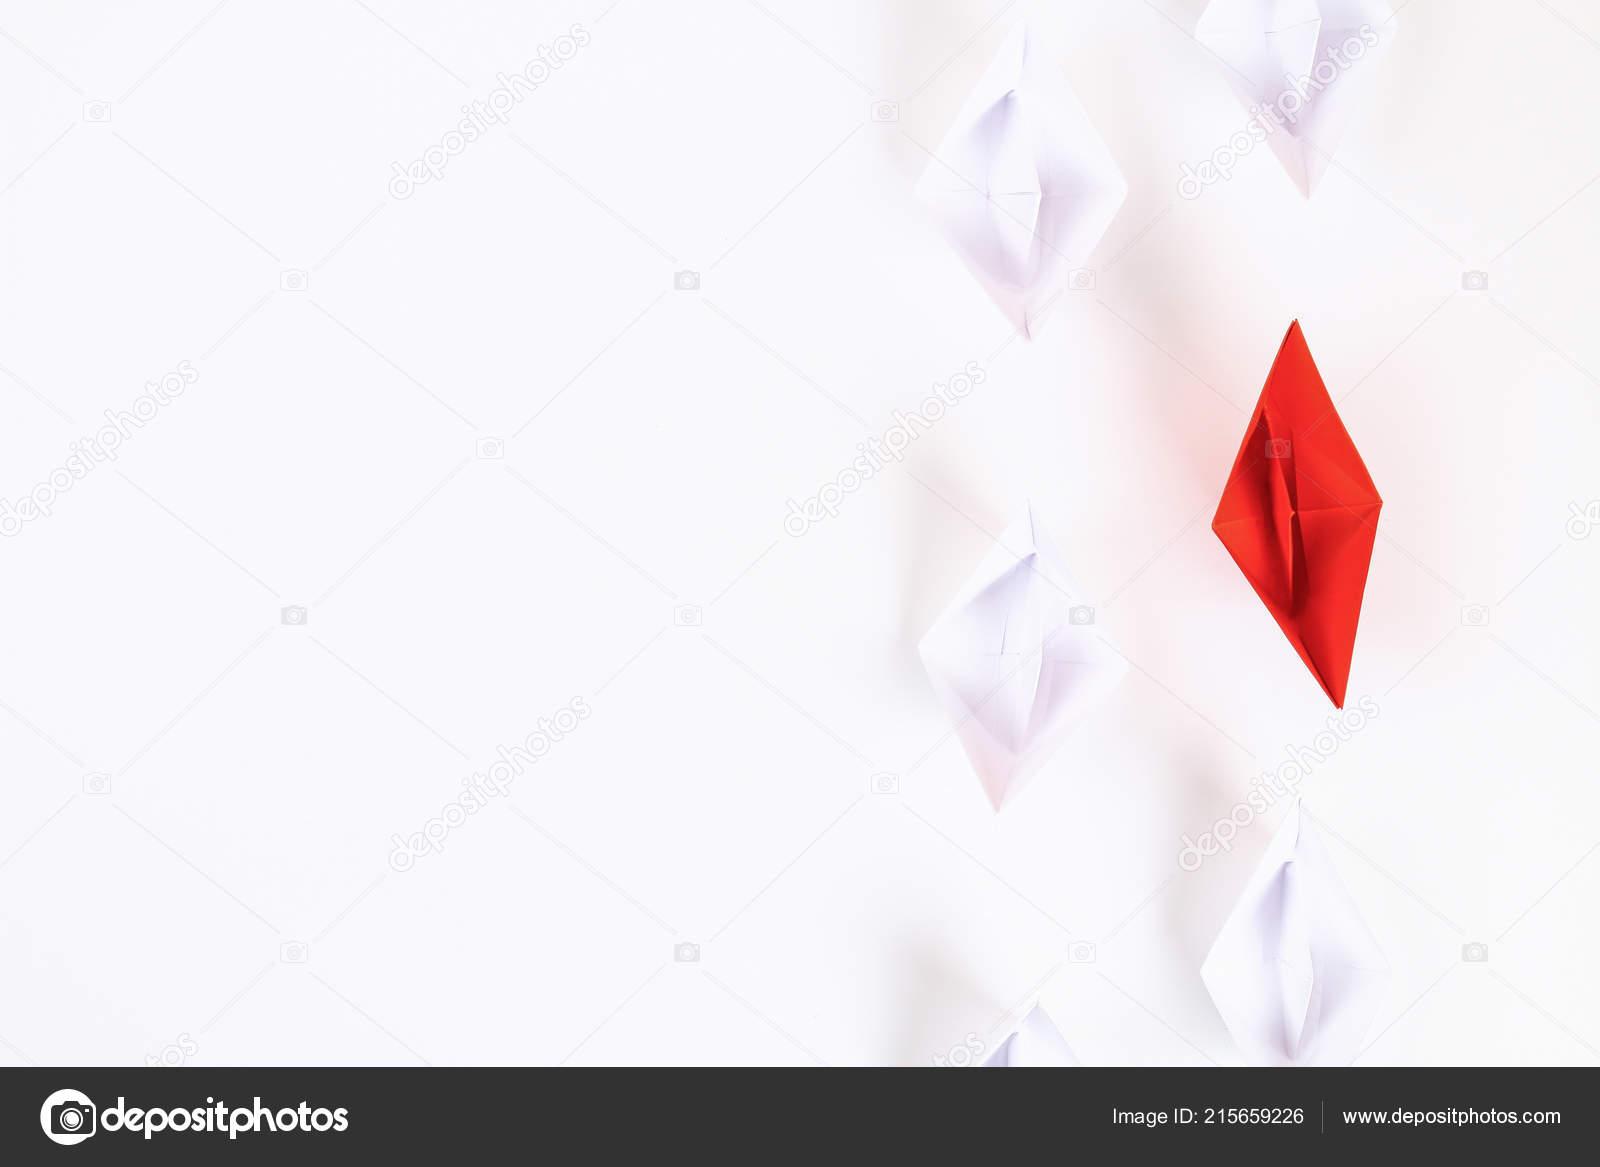 Bateau Papier Rouge Entre Autres Blanc Leadership Corbeau Blanc Individualite Photographie Detry Yandex Ru C 215659226